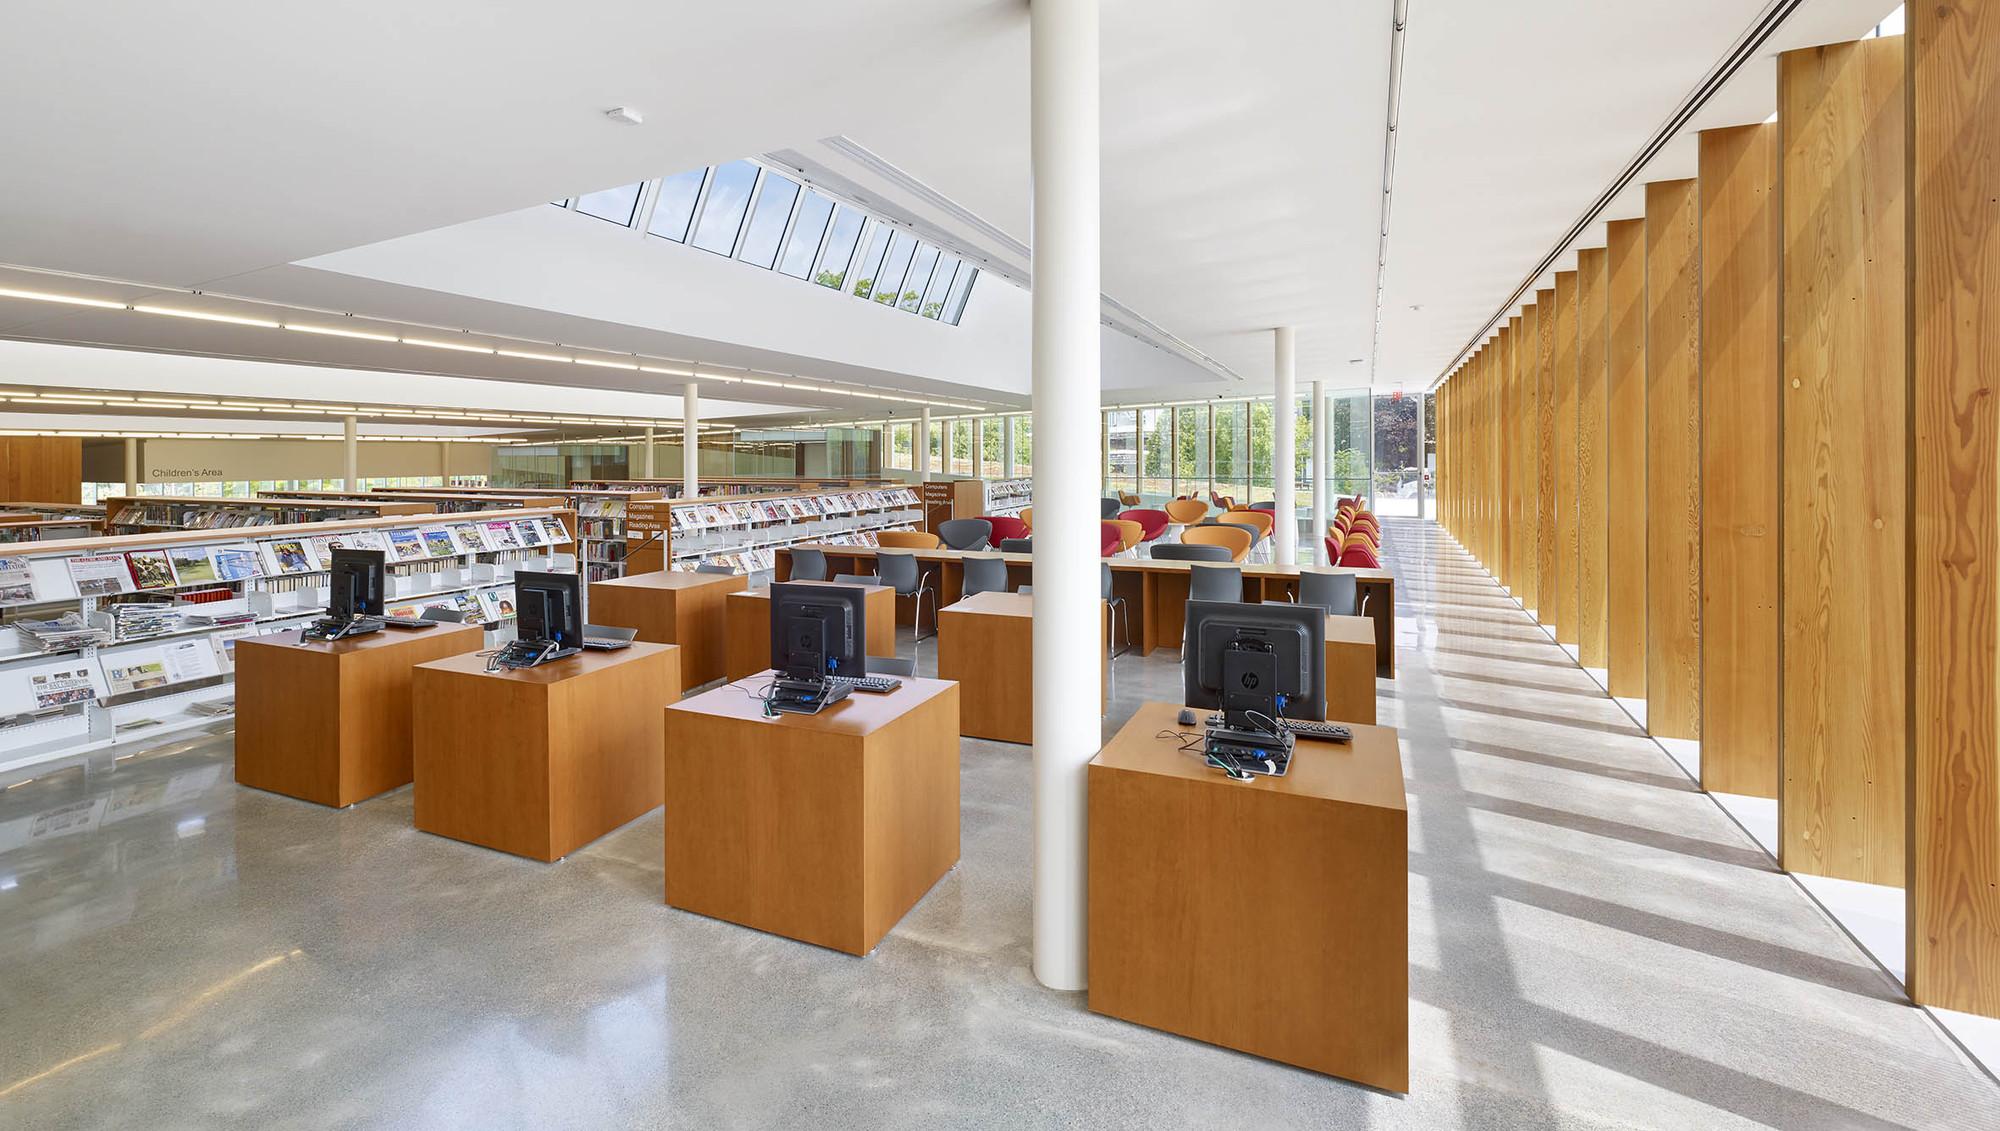 Galer A De Biblioteca Y Centro C Vico Waterdown Rdha 30